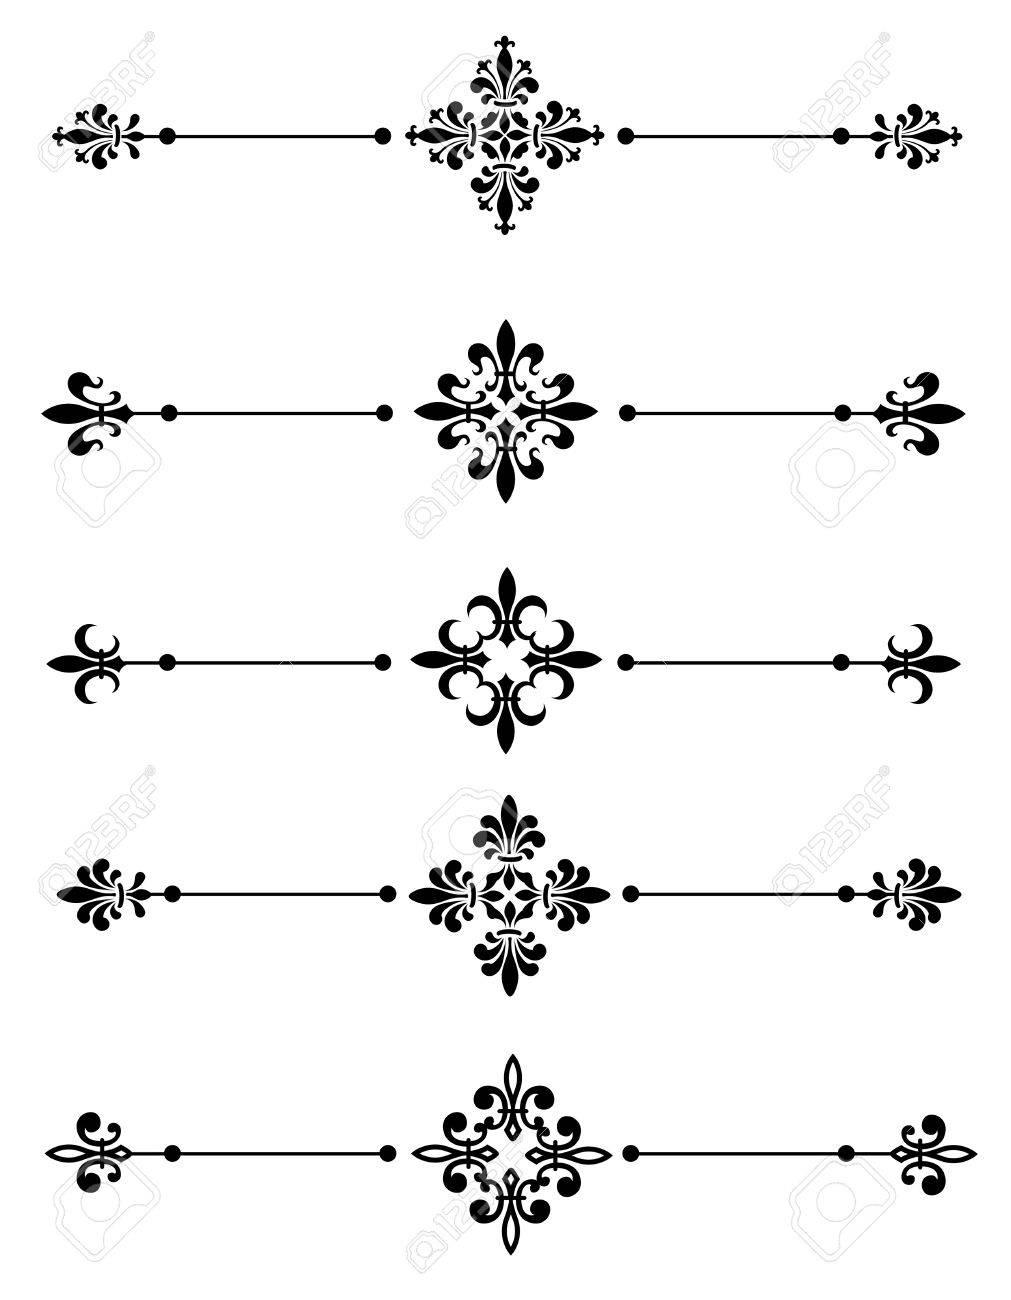 Clipart Fleur clip art collection of different decorative fleur de lis page